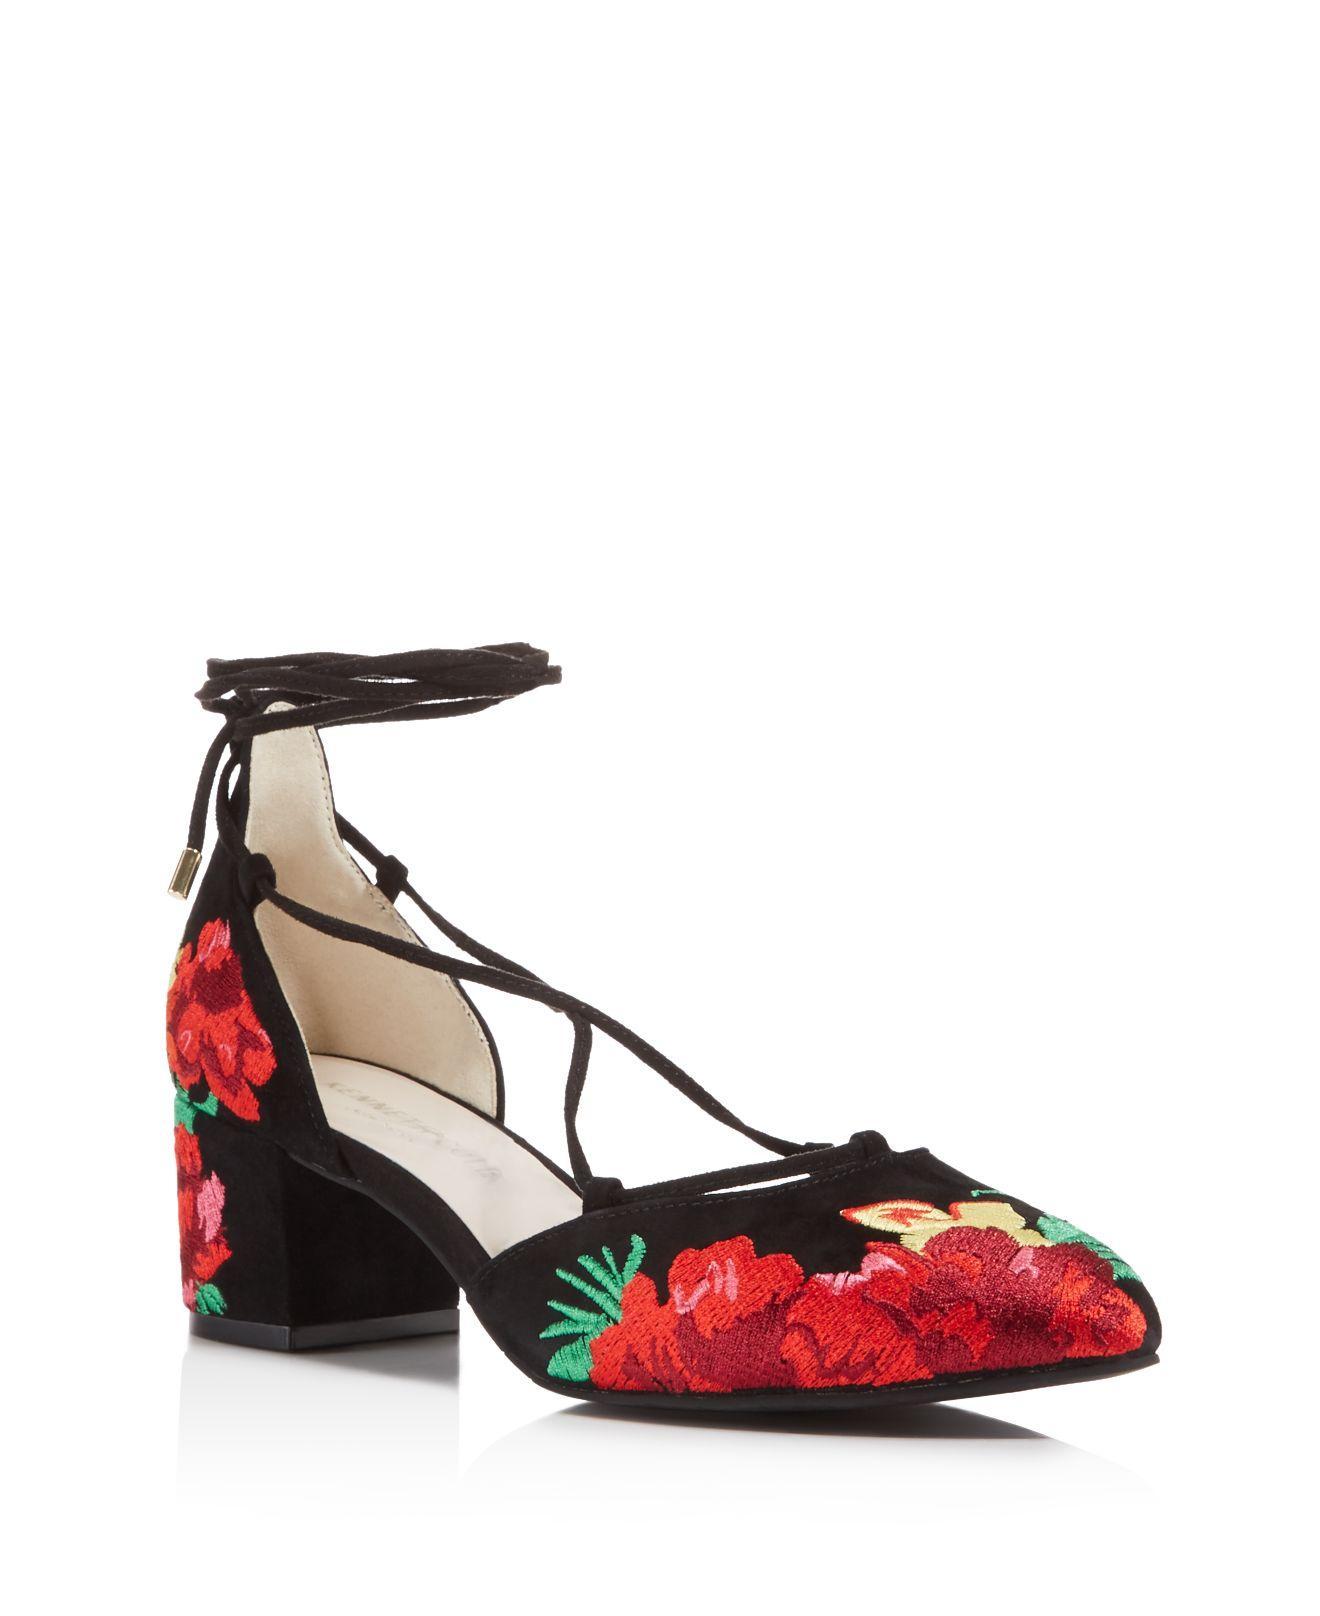 Low Block Heel Shoes Australia